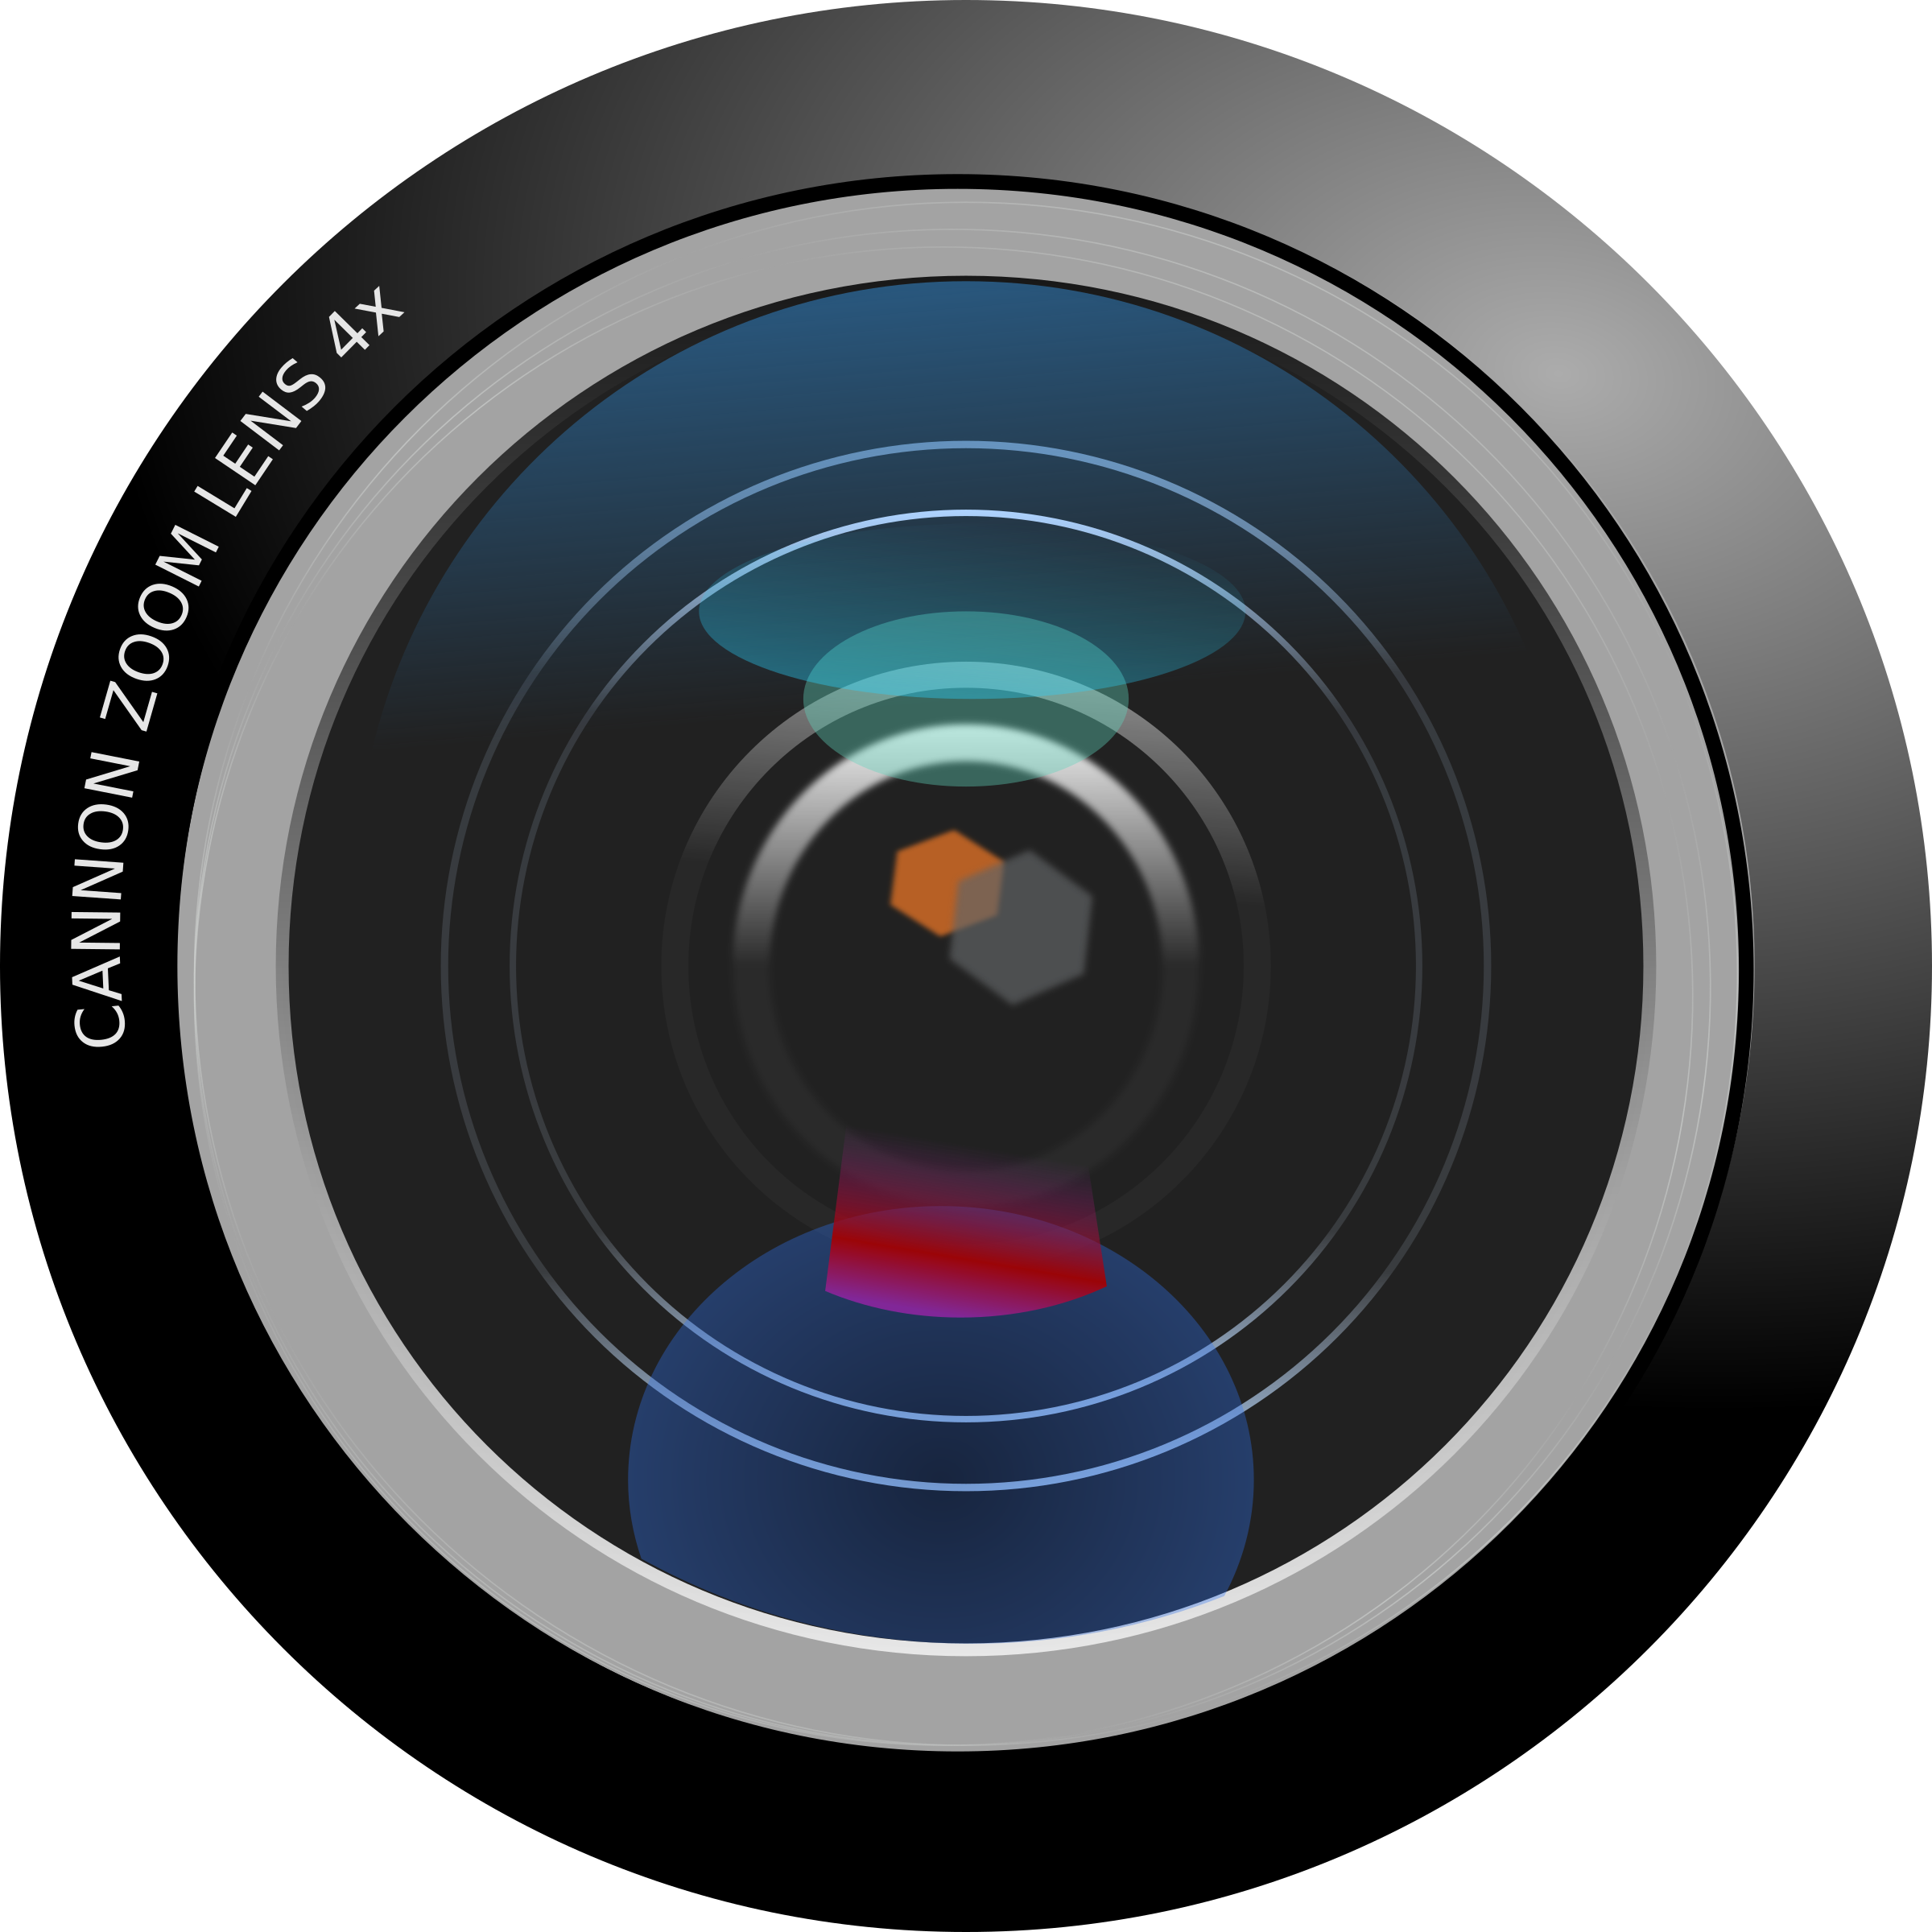 Clipart - Camera Lens